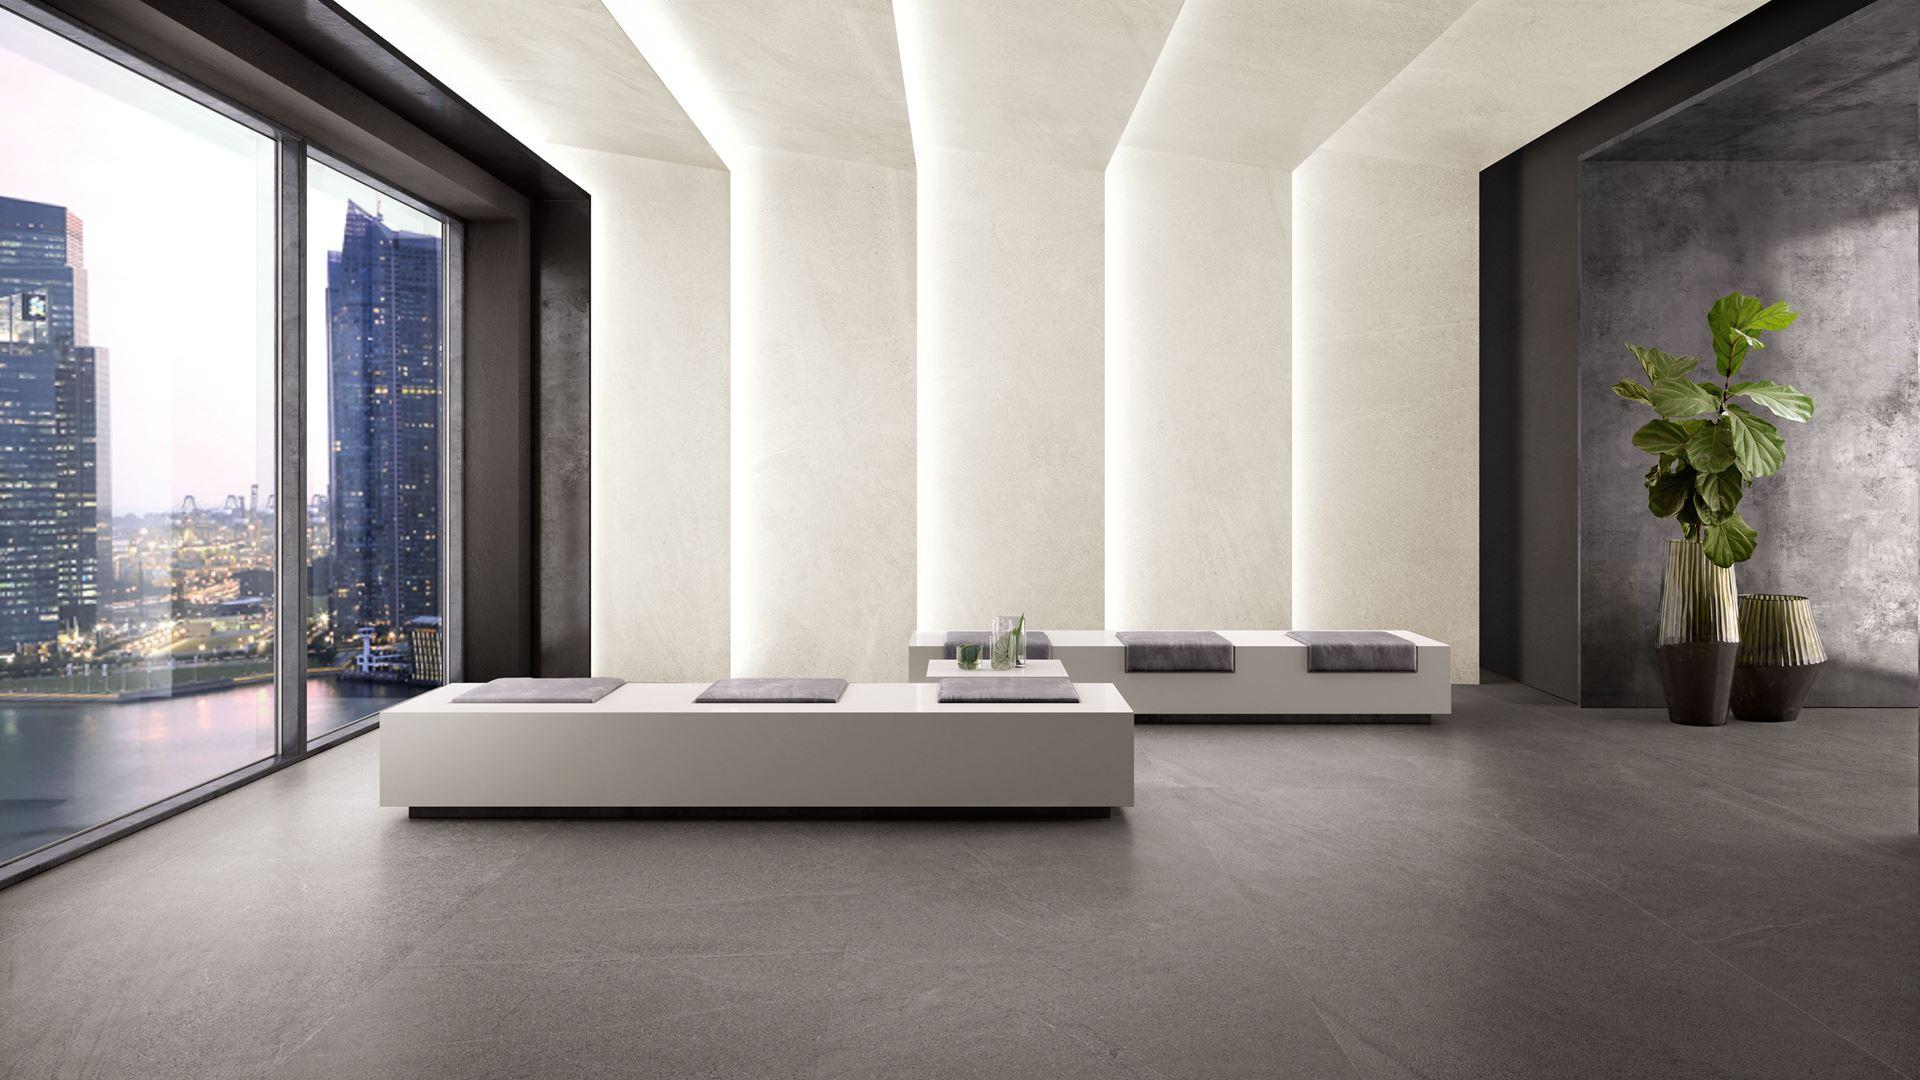 spieki kwarcowe kerlite limestone slate natural minimalistyczny pokój